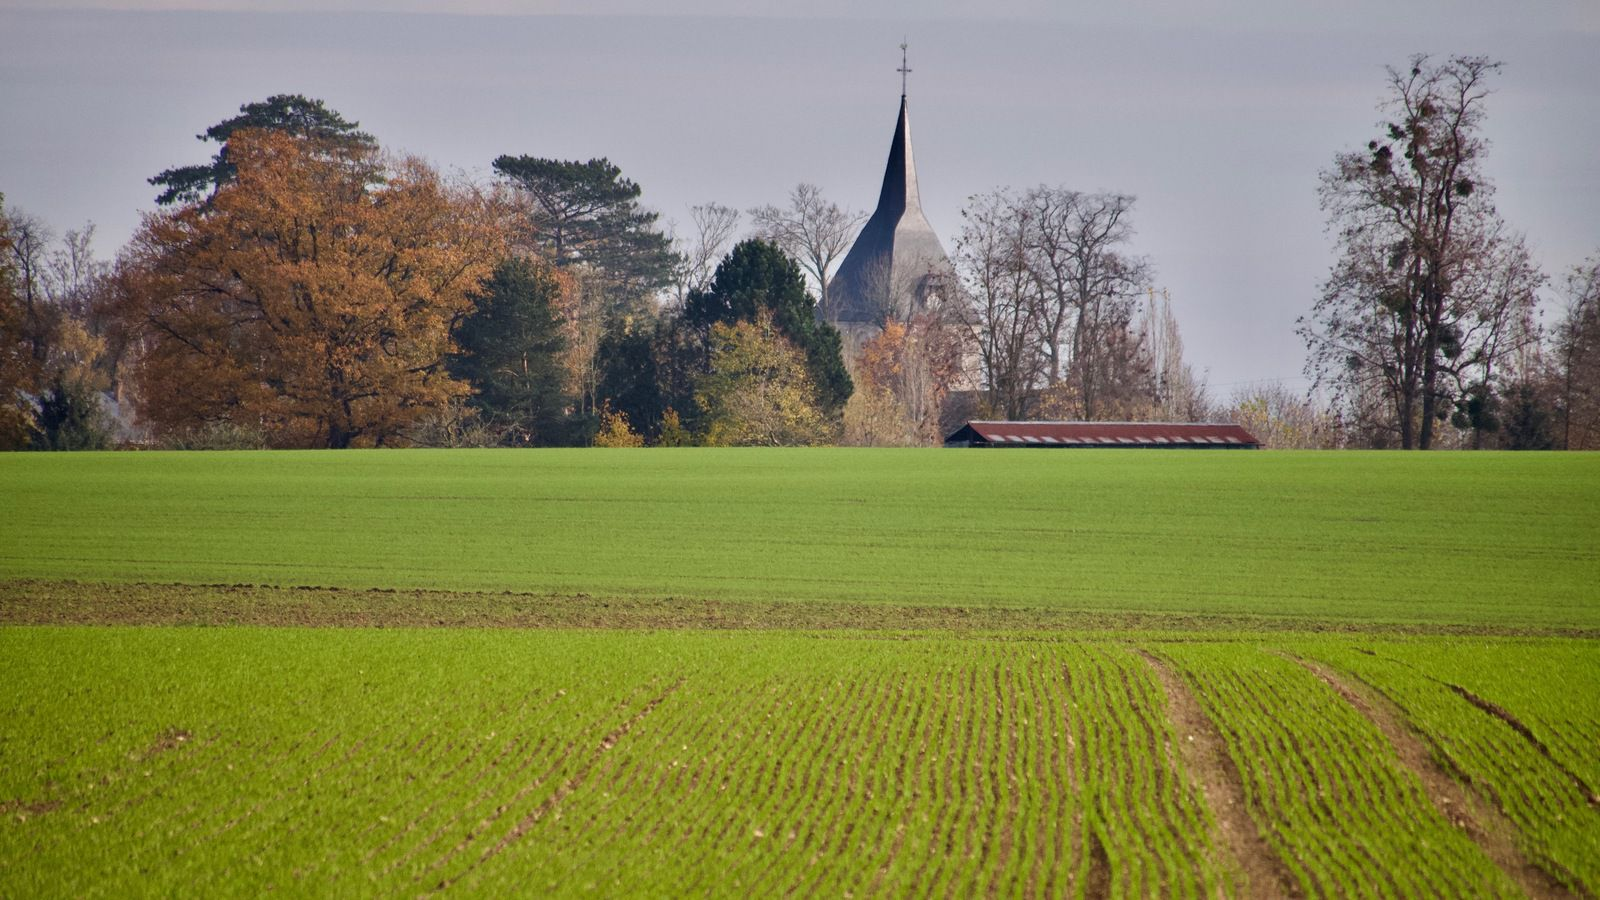 Notre-Dame de Montaure, émergeant de l'horizon, et son clocher romand du XIe siècle qui rassembla durant longtemps les hameaux de Montaure et de Tostes (photographie de Frédéric Ménissier datant de novembre 2020).